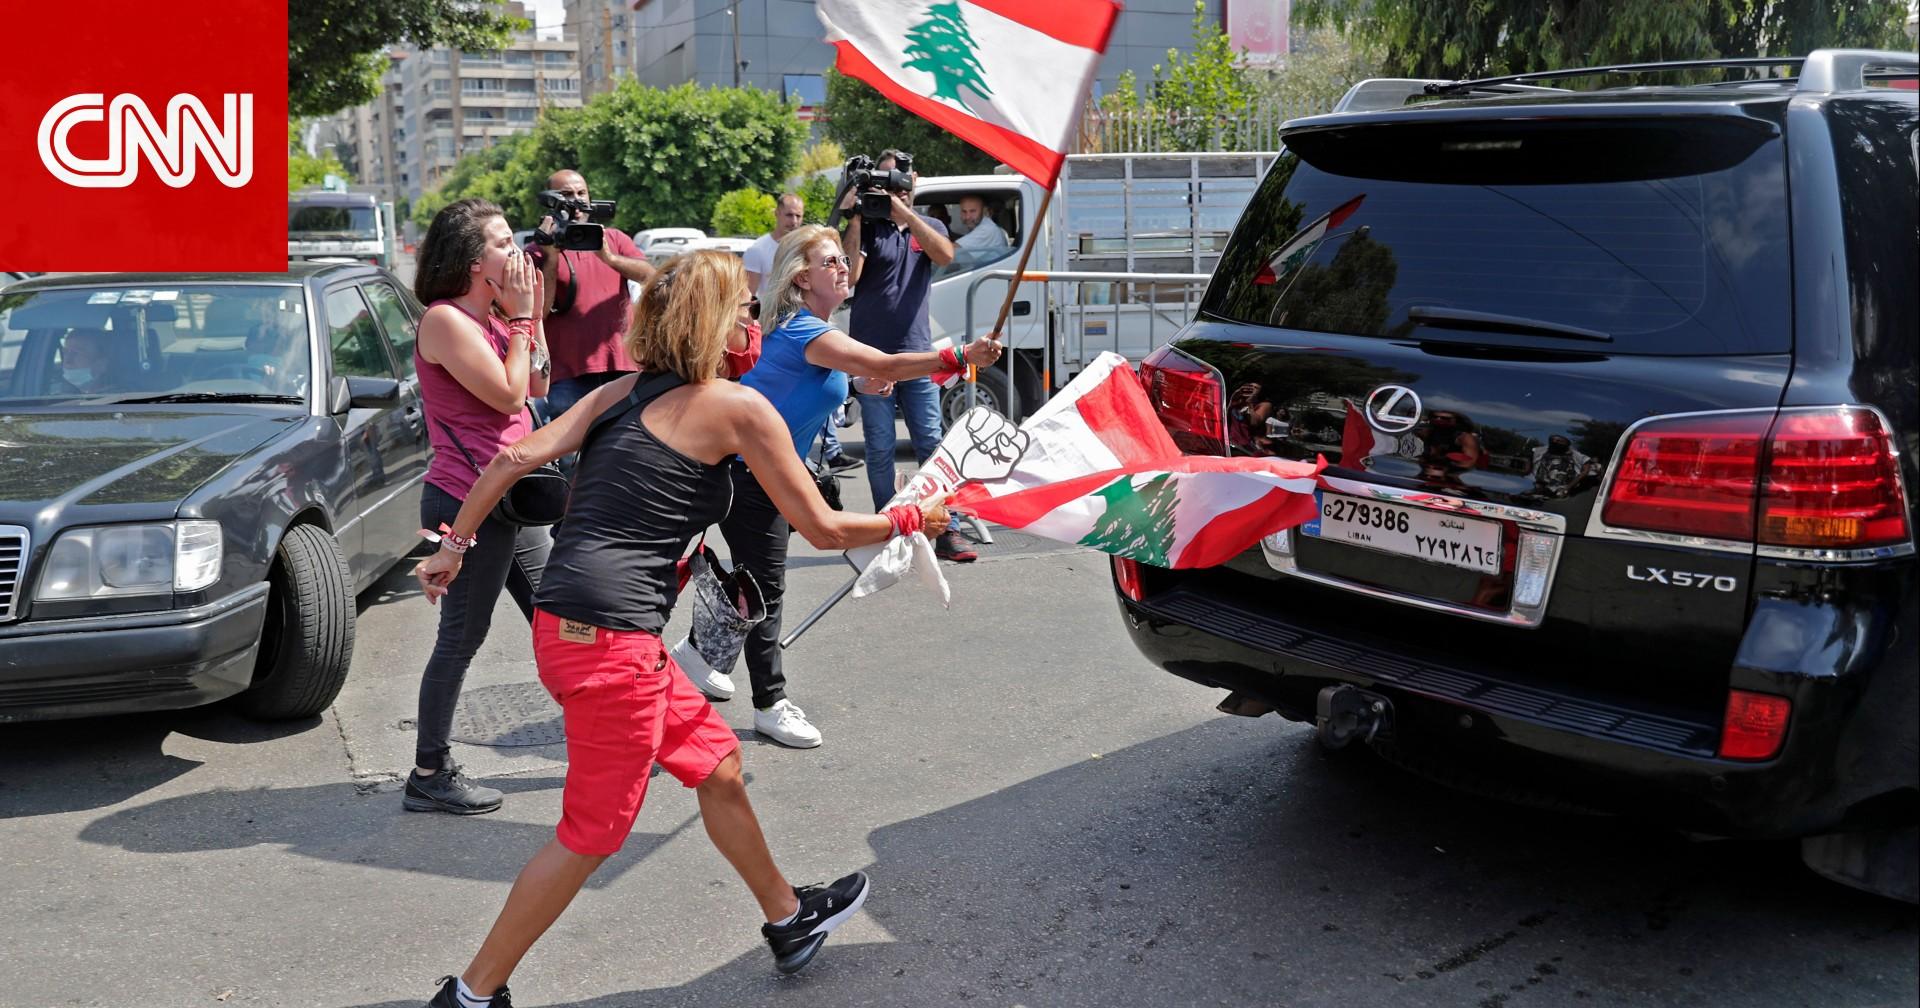 مجلس النواب اللبناني يقر حالة الطوارئ واستقالة 8 نواب .. ويبر: كانت هناك مؤامرة